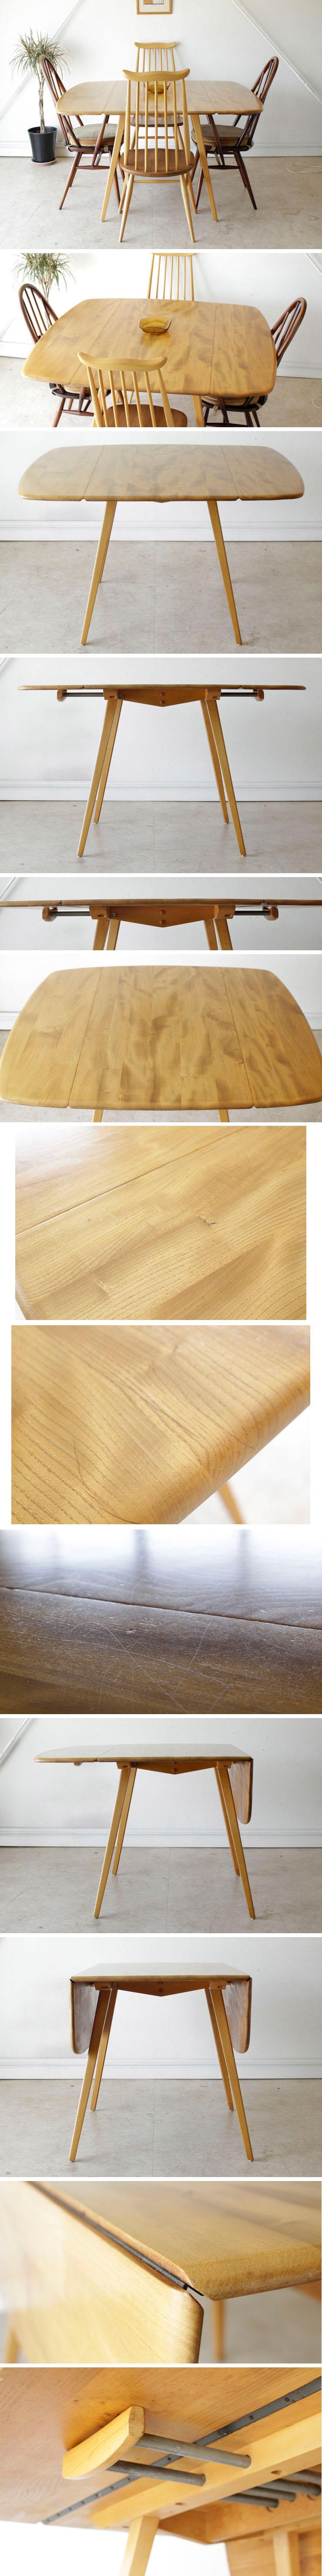 アーコール・ERCOL・ダイニングテーブル・ドロップリーフ・スクエア・アンティーク・ビンテージ・北欧